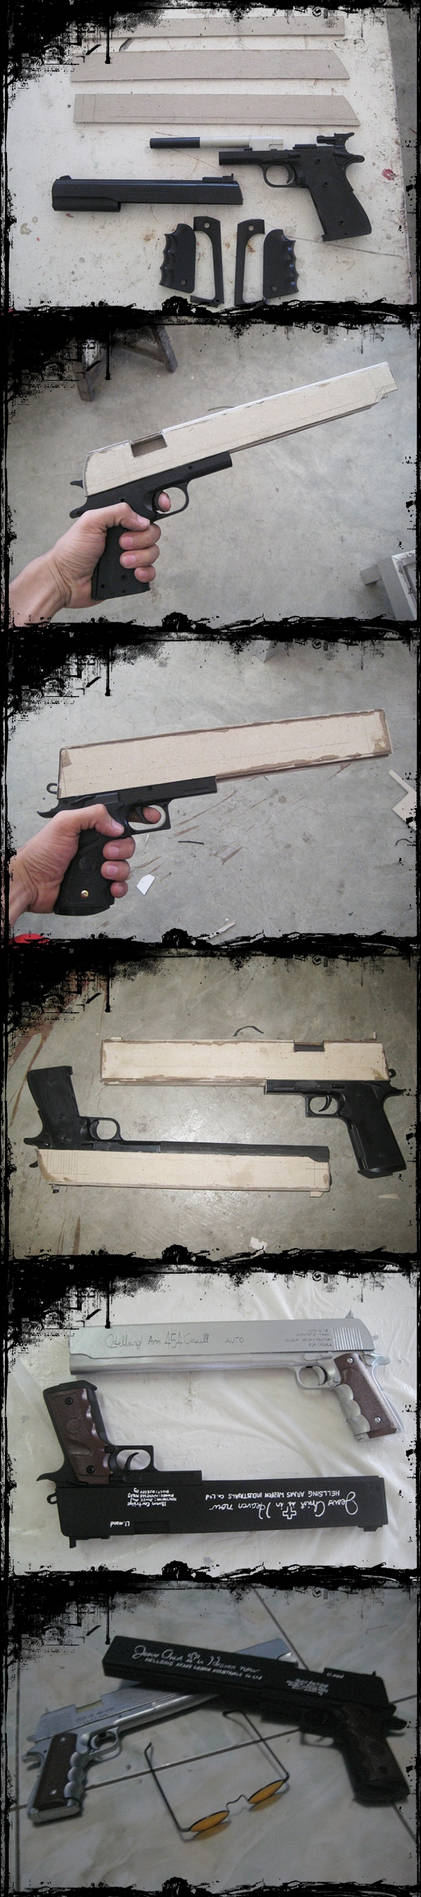 Alucards Pistols Casul and Jackal